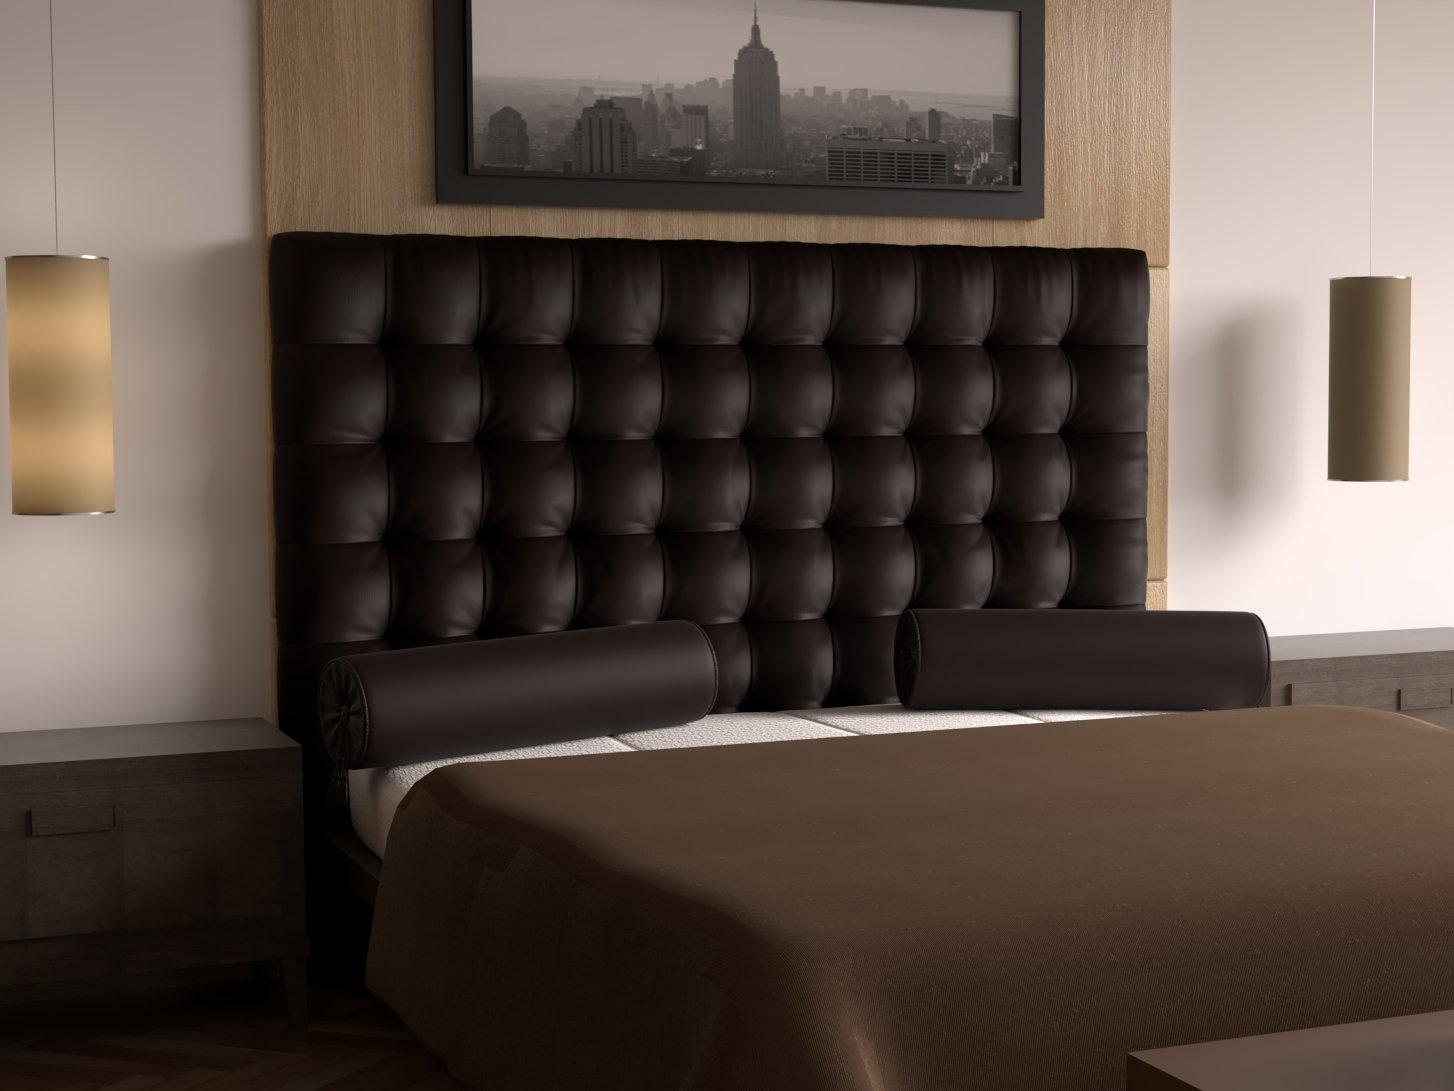 LA WEB DEL COLCHON - Cabecero Manhattan (Cama 210) 220 x 70 cms. 12 - Chocolate: Amazon.es: Hogar